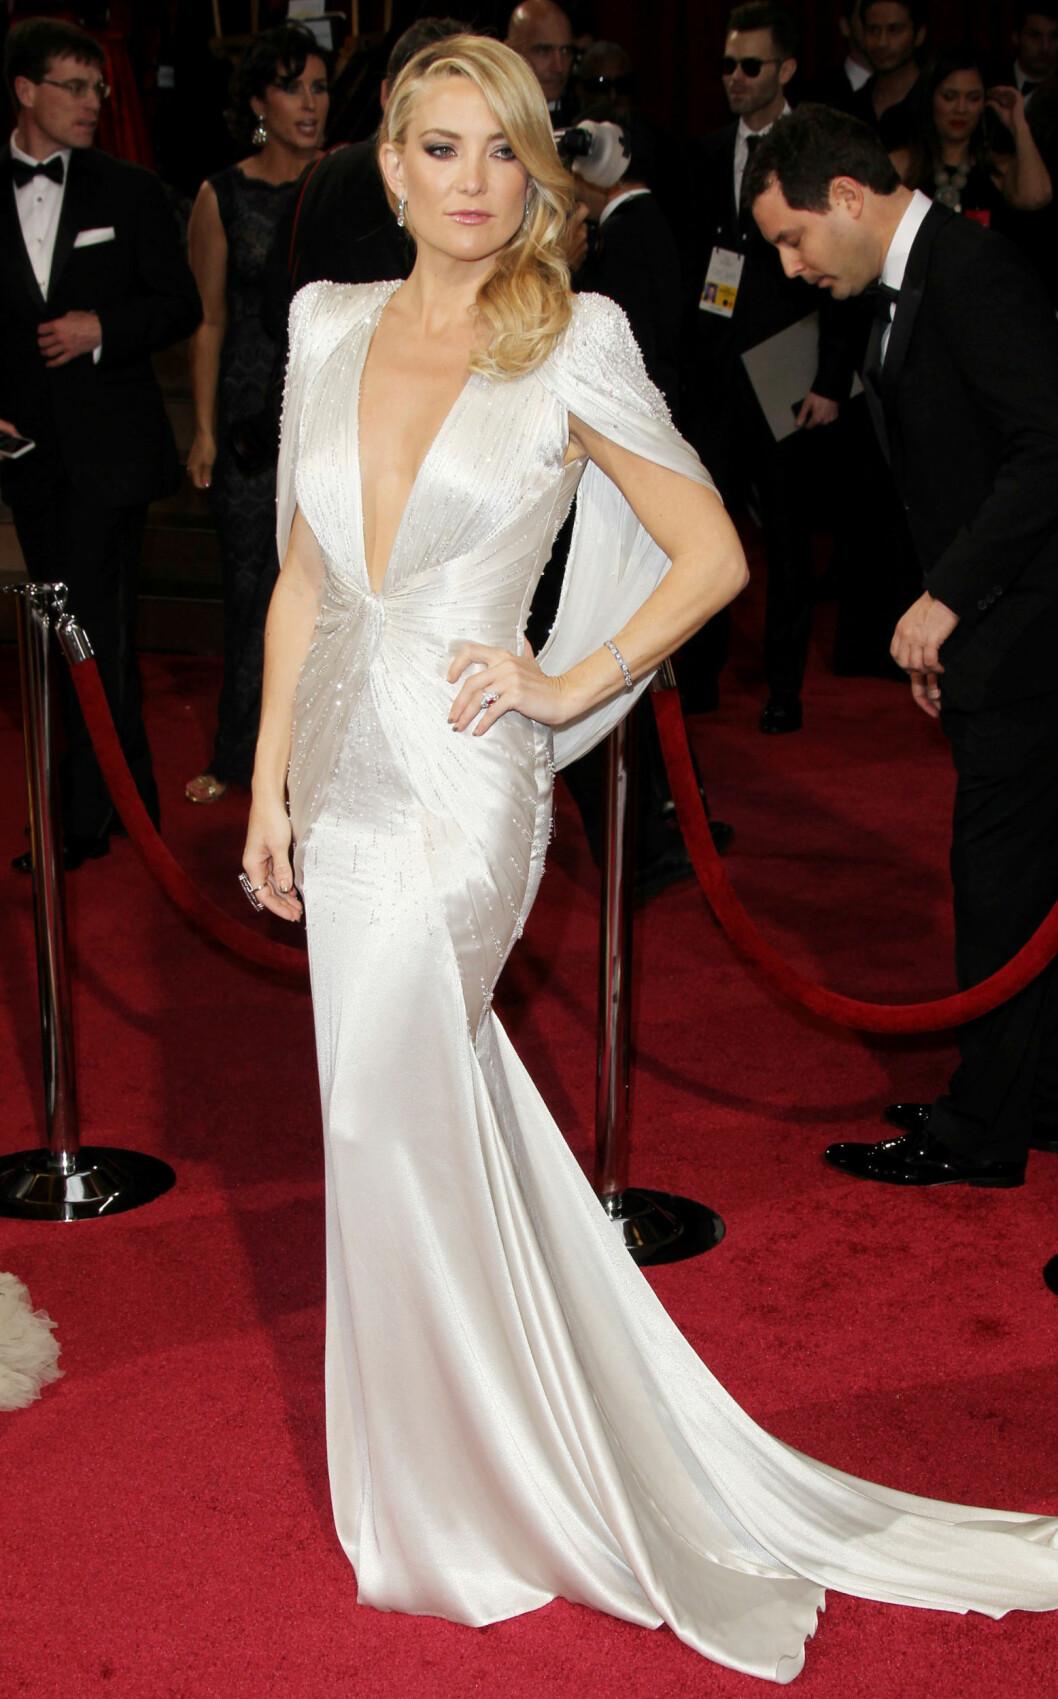 METALLISK TREND: Kate Hudson var både sexy og sofitiskert i denne kjolen, og selv om utringningen var dyp, var den smakfull.   Foto: Splash News/ All Over Press